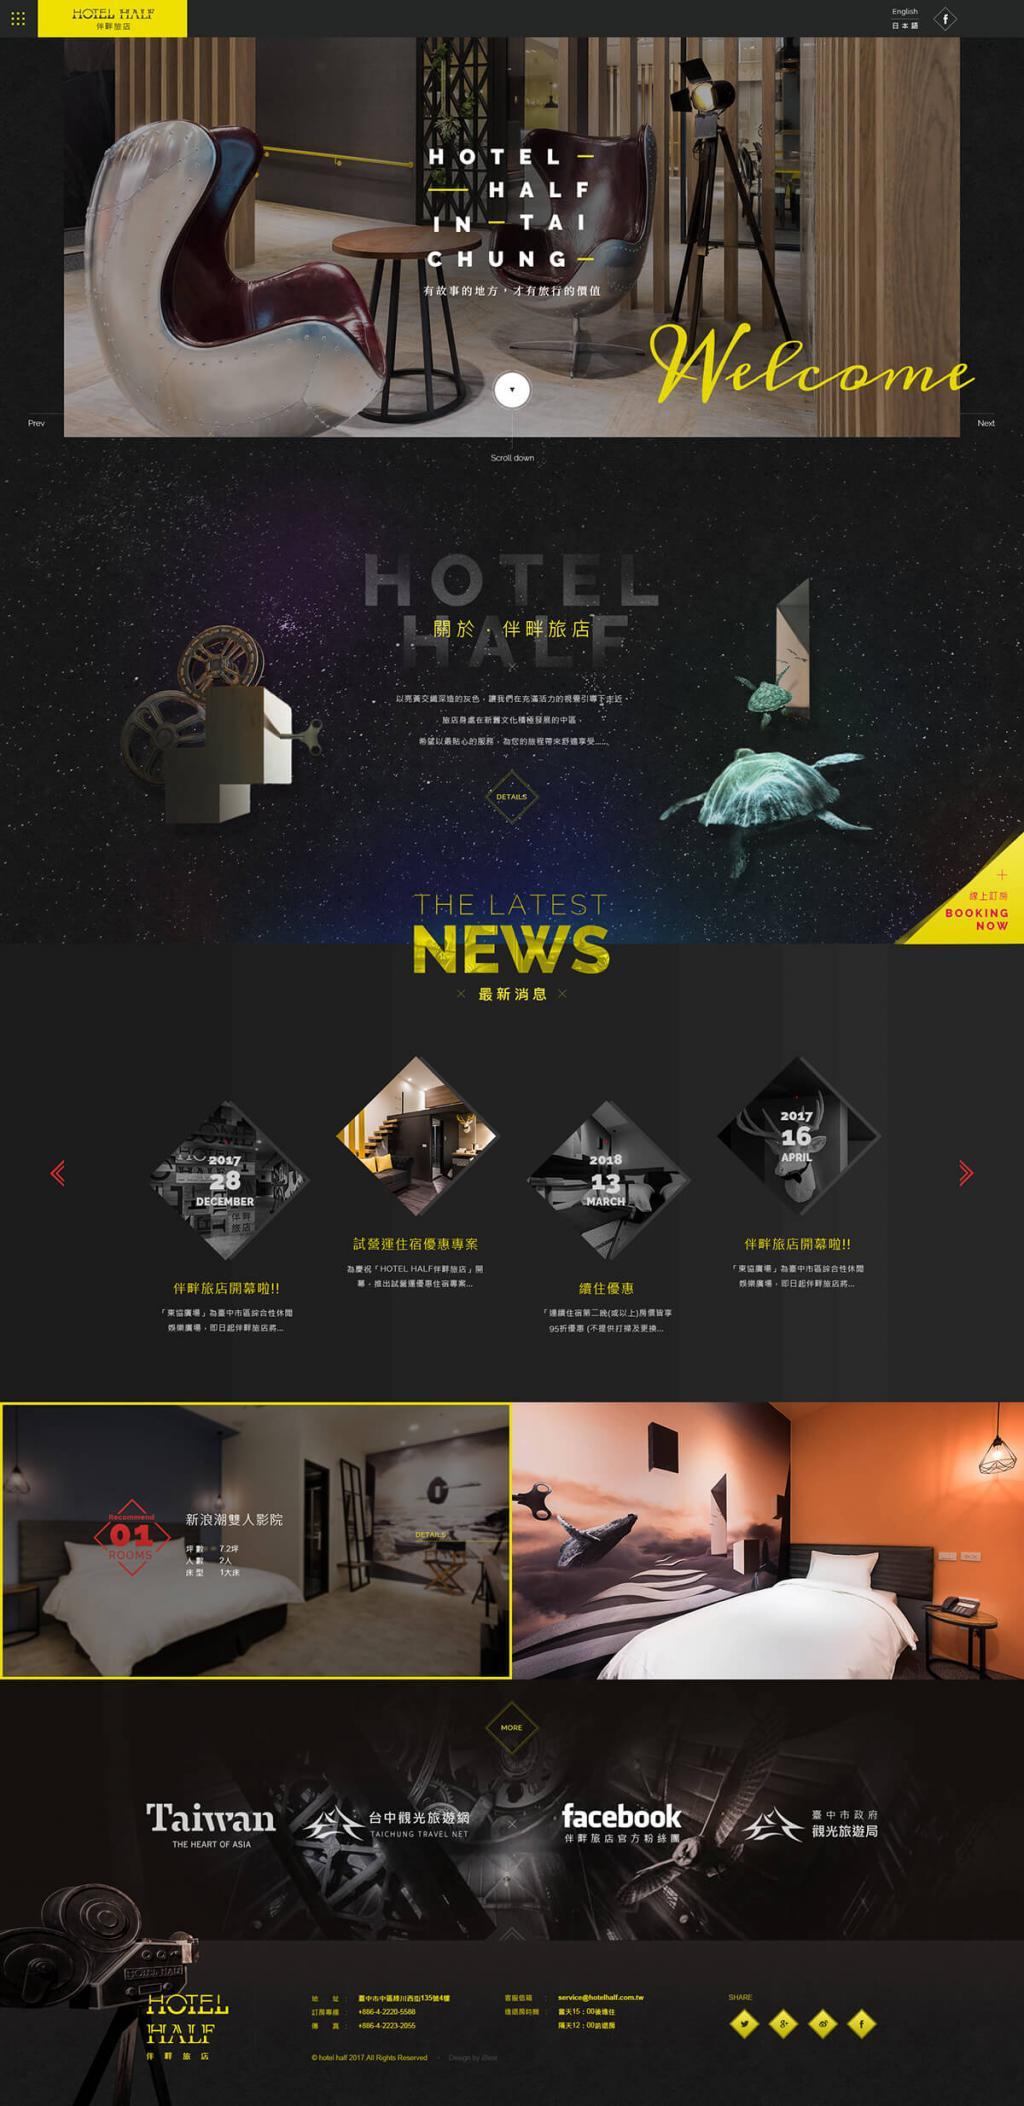 伴畔旅店-網頁設計